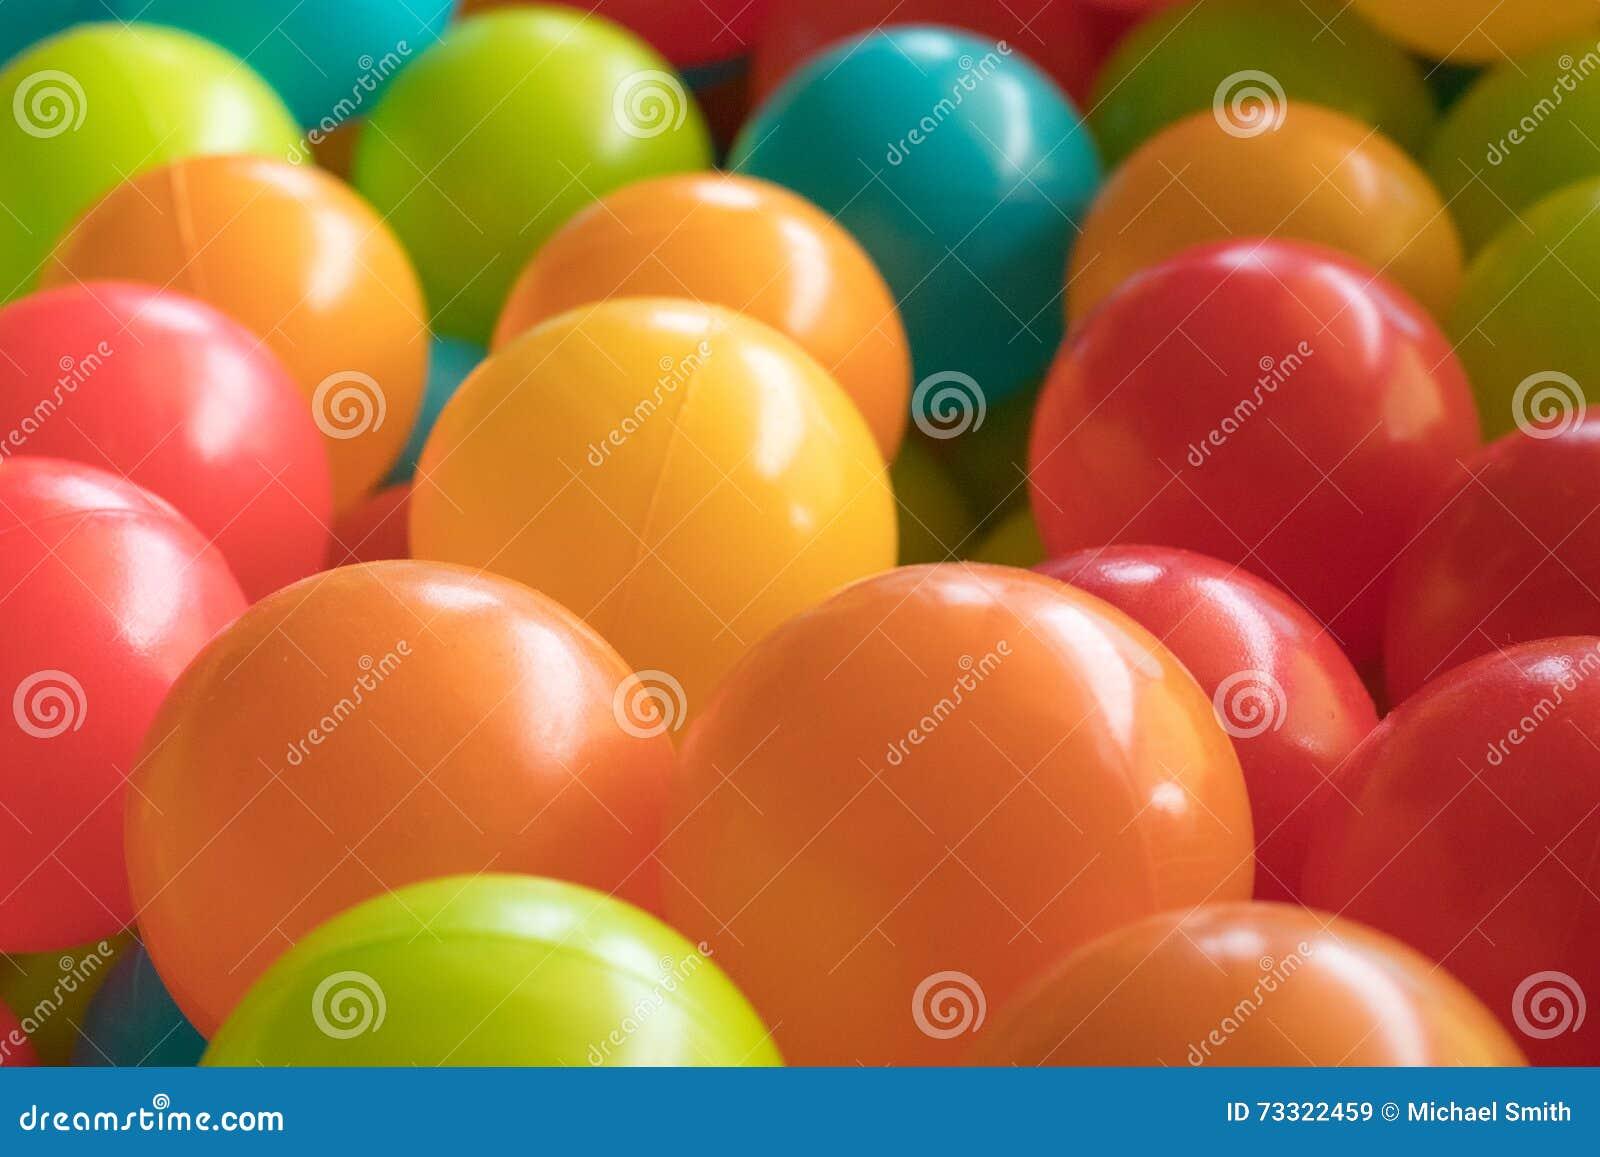 Οι φωτεινές και ζωηρόχρωμες πλαστικές σφαίρες παιχνιδιών, κοίλωμα σφαιρών, κλείνουν επάνω